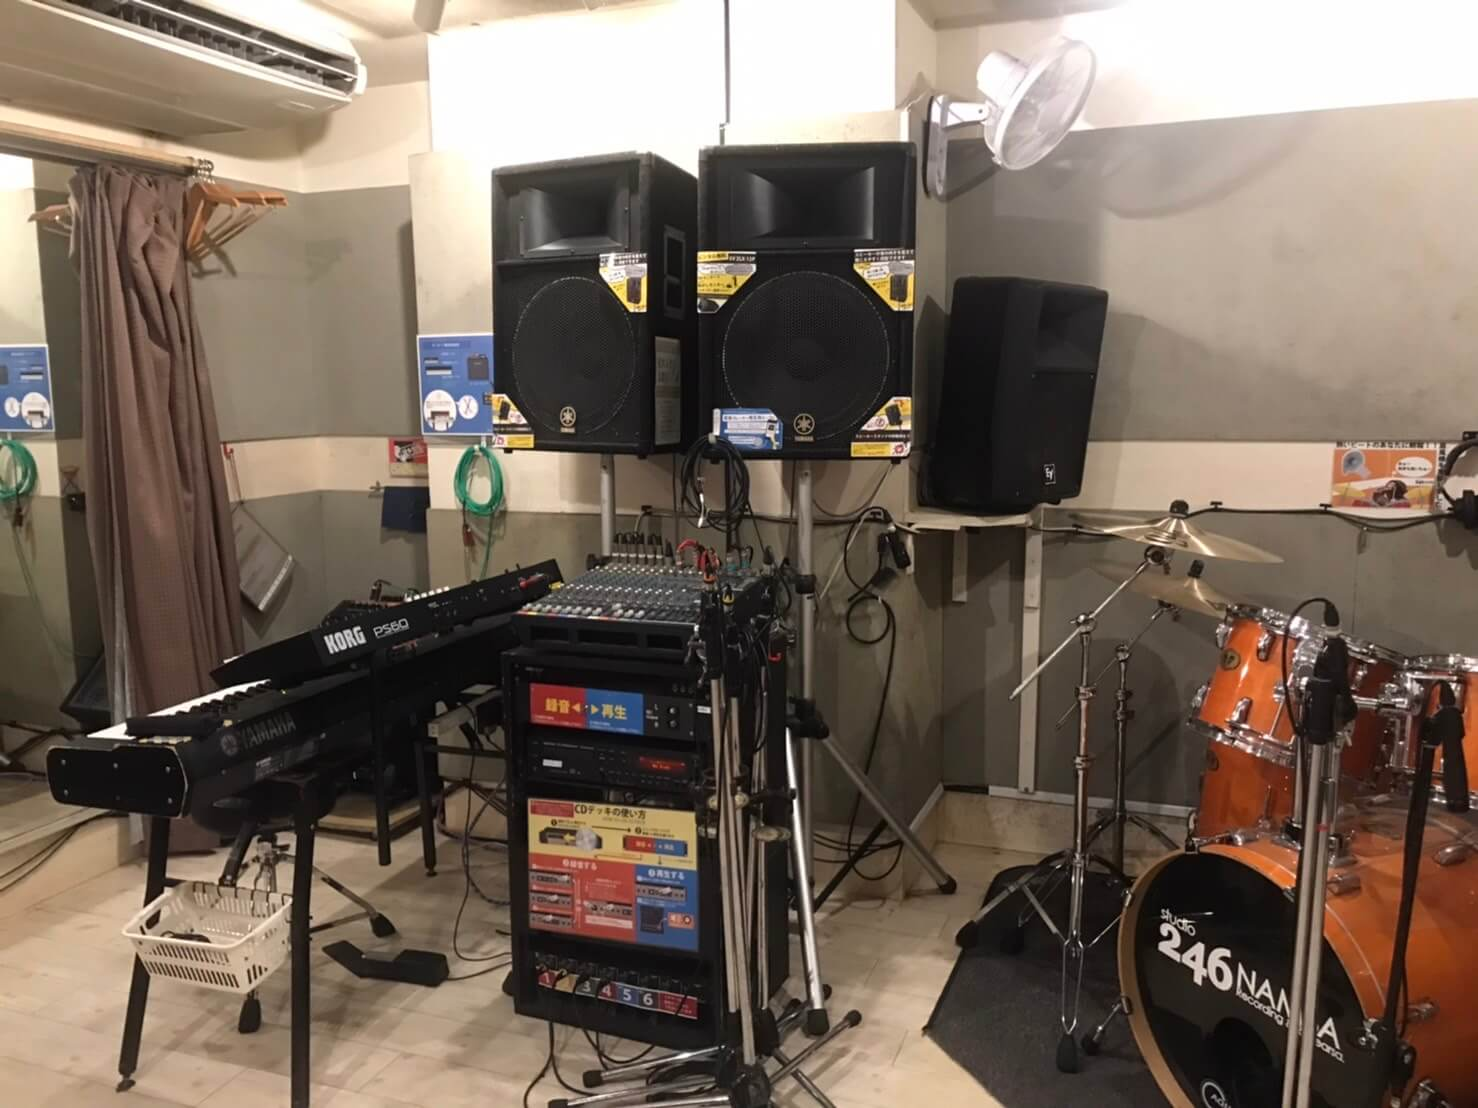 スタジオ246namba